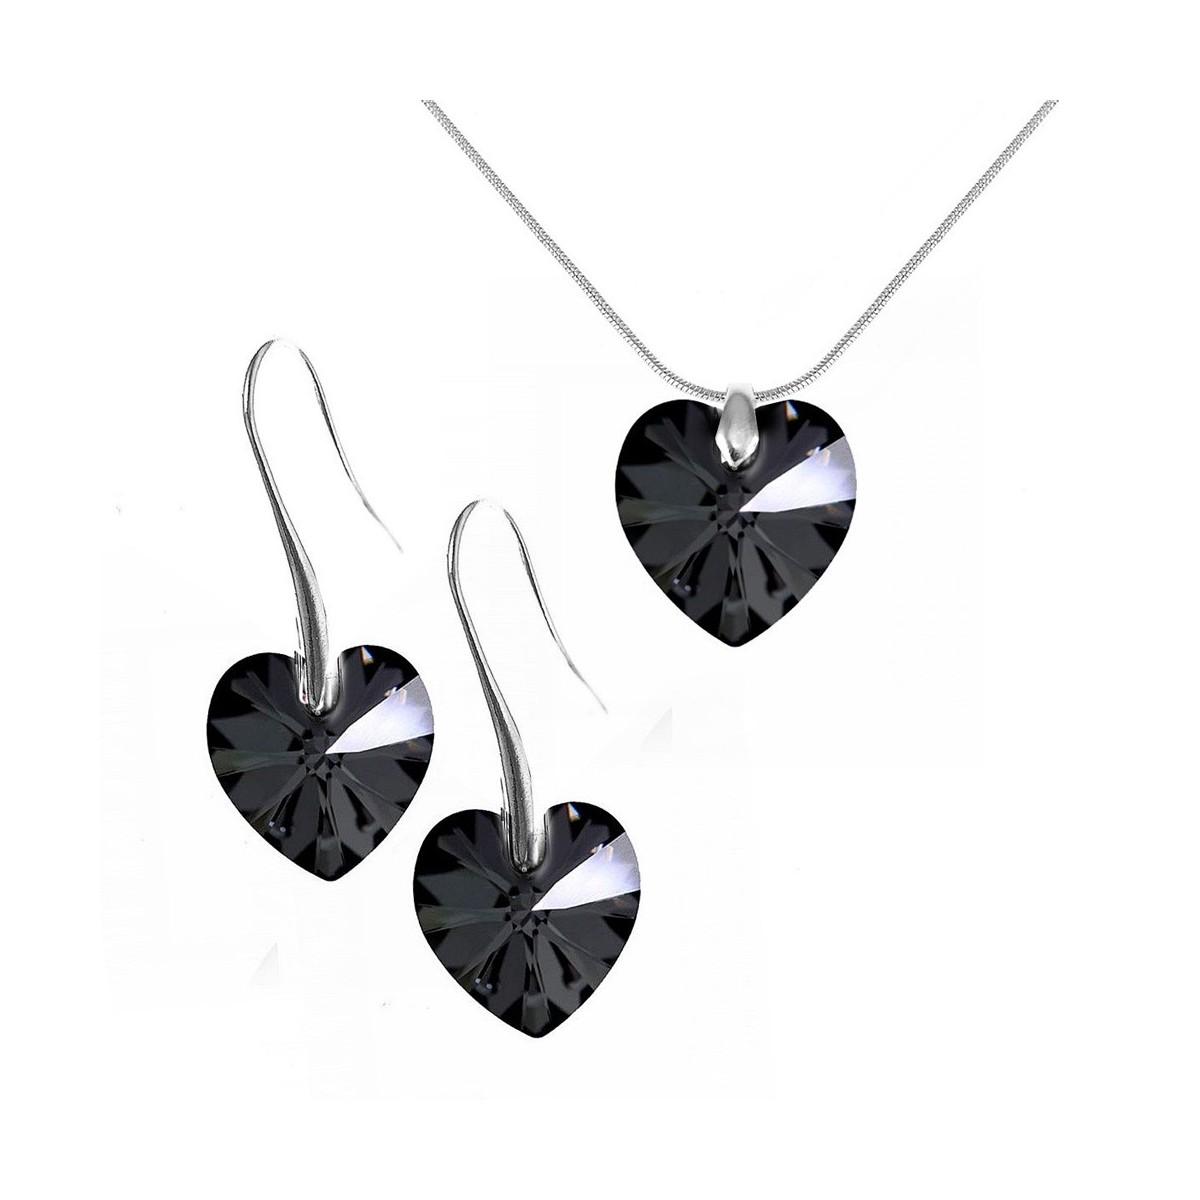 Parure collier et boucles d'oreilles argentés et coeurs noirs So Charm made with Crystal from Swarovski